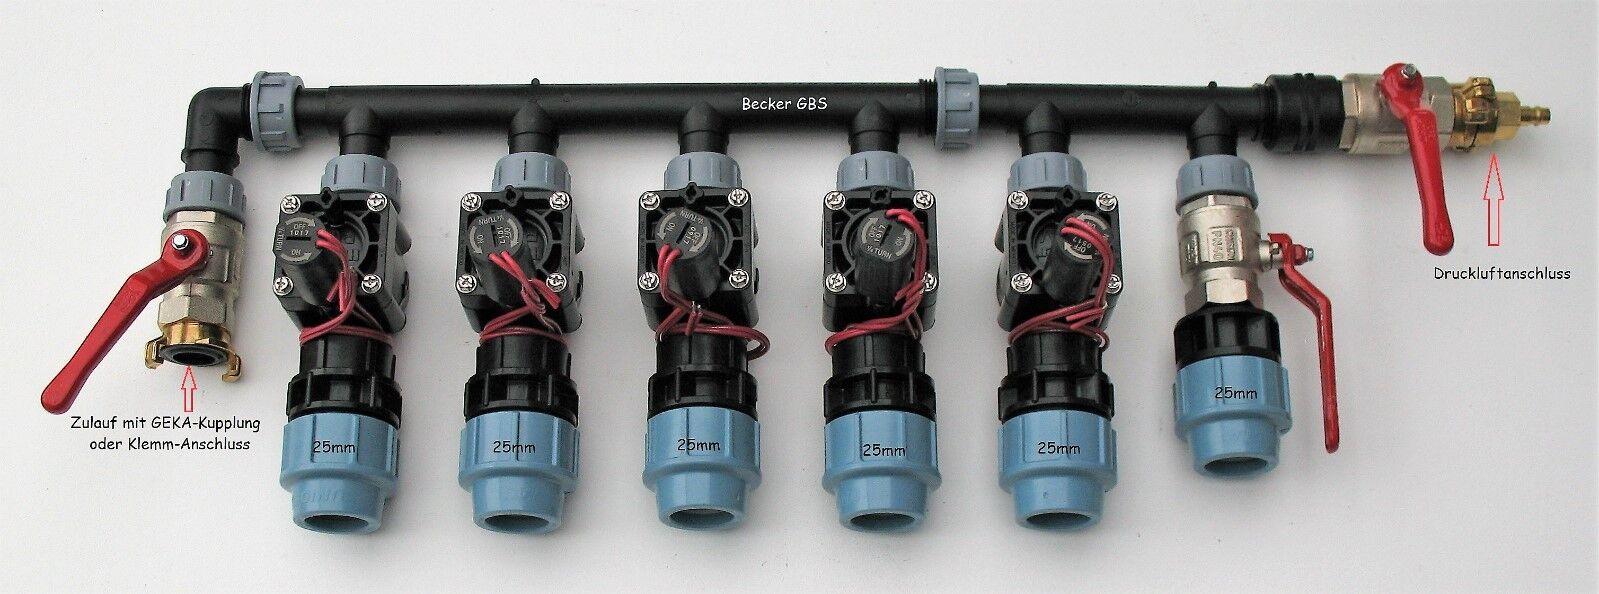 Hunter Magnetventil-Grüneiler für 5 Stationen in 8 Varianten ( vormontiert )